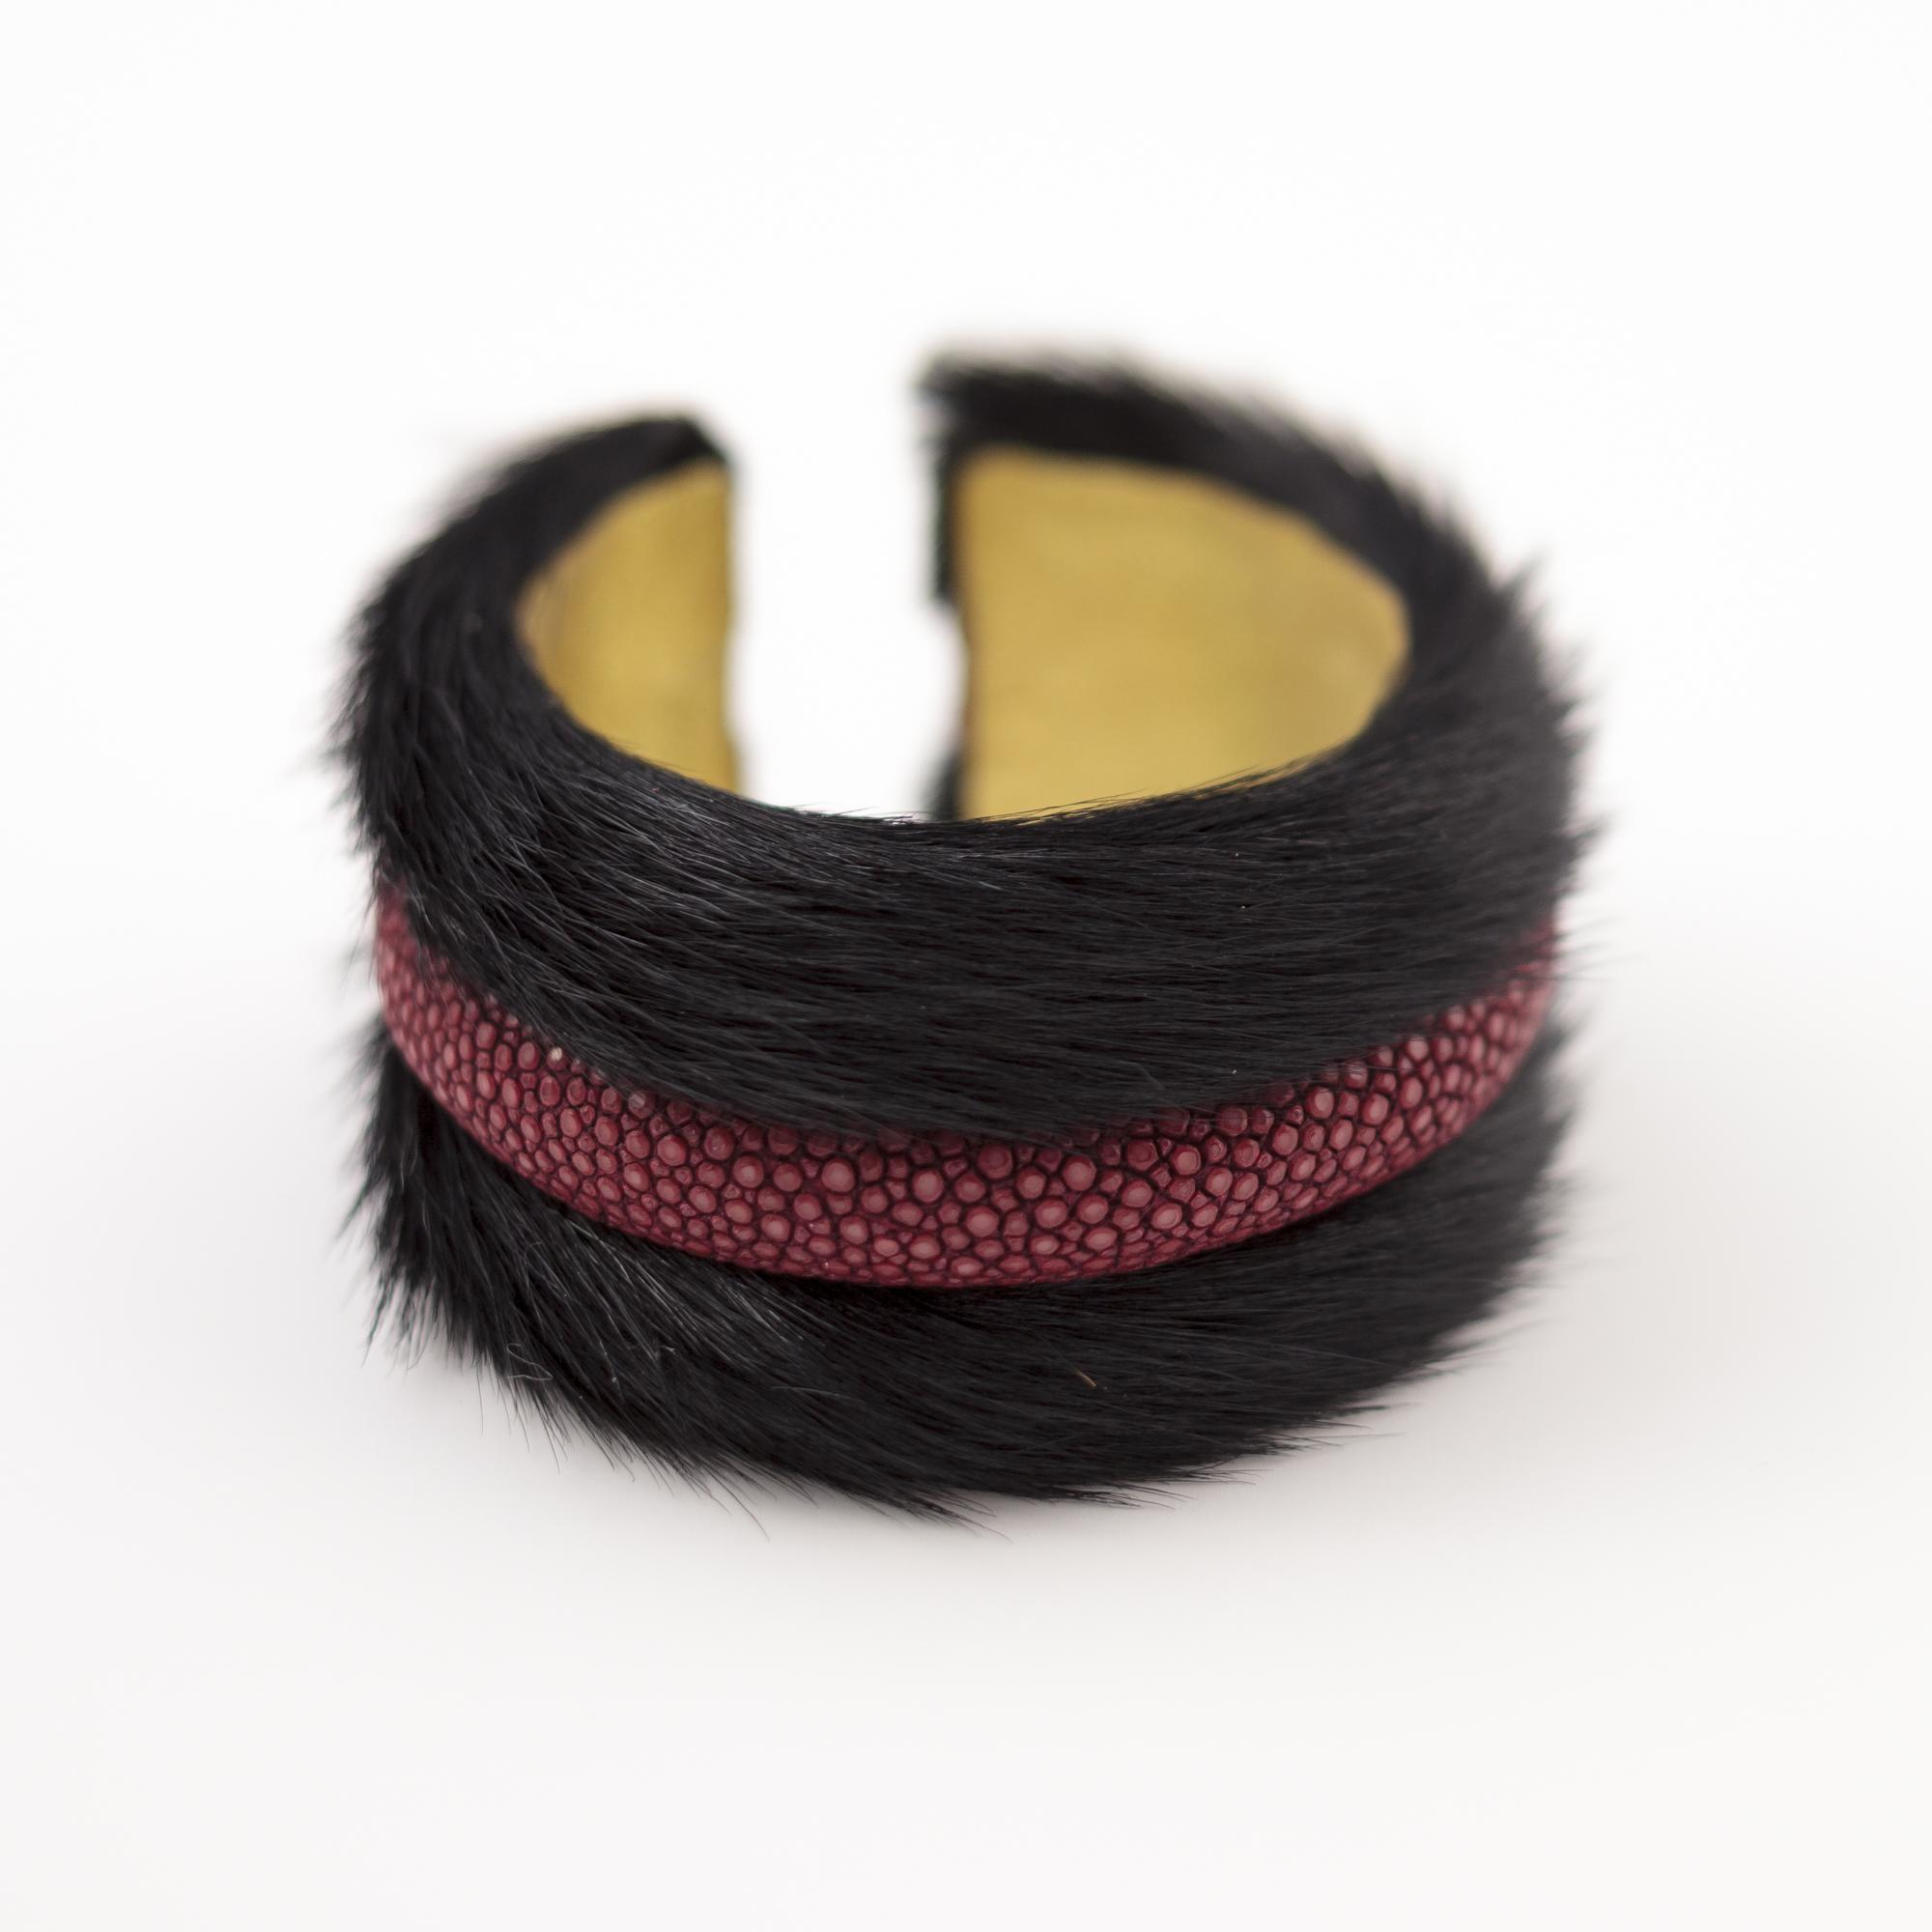 tresor-by-flore-galuchat-bracelet-poilu-noir-bordeaux